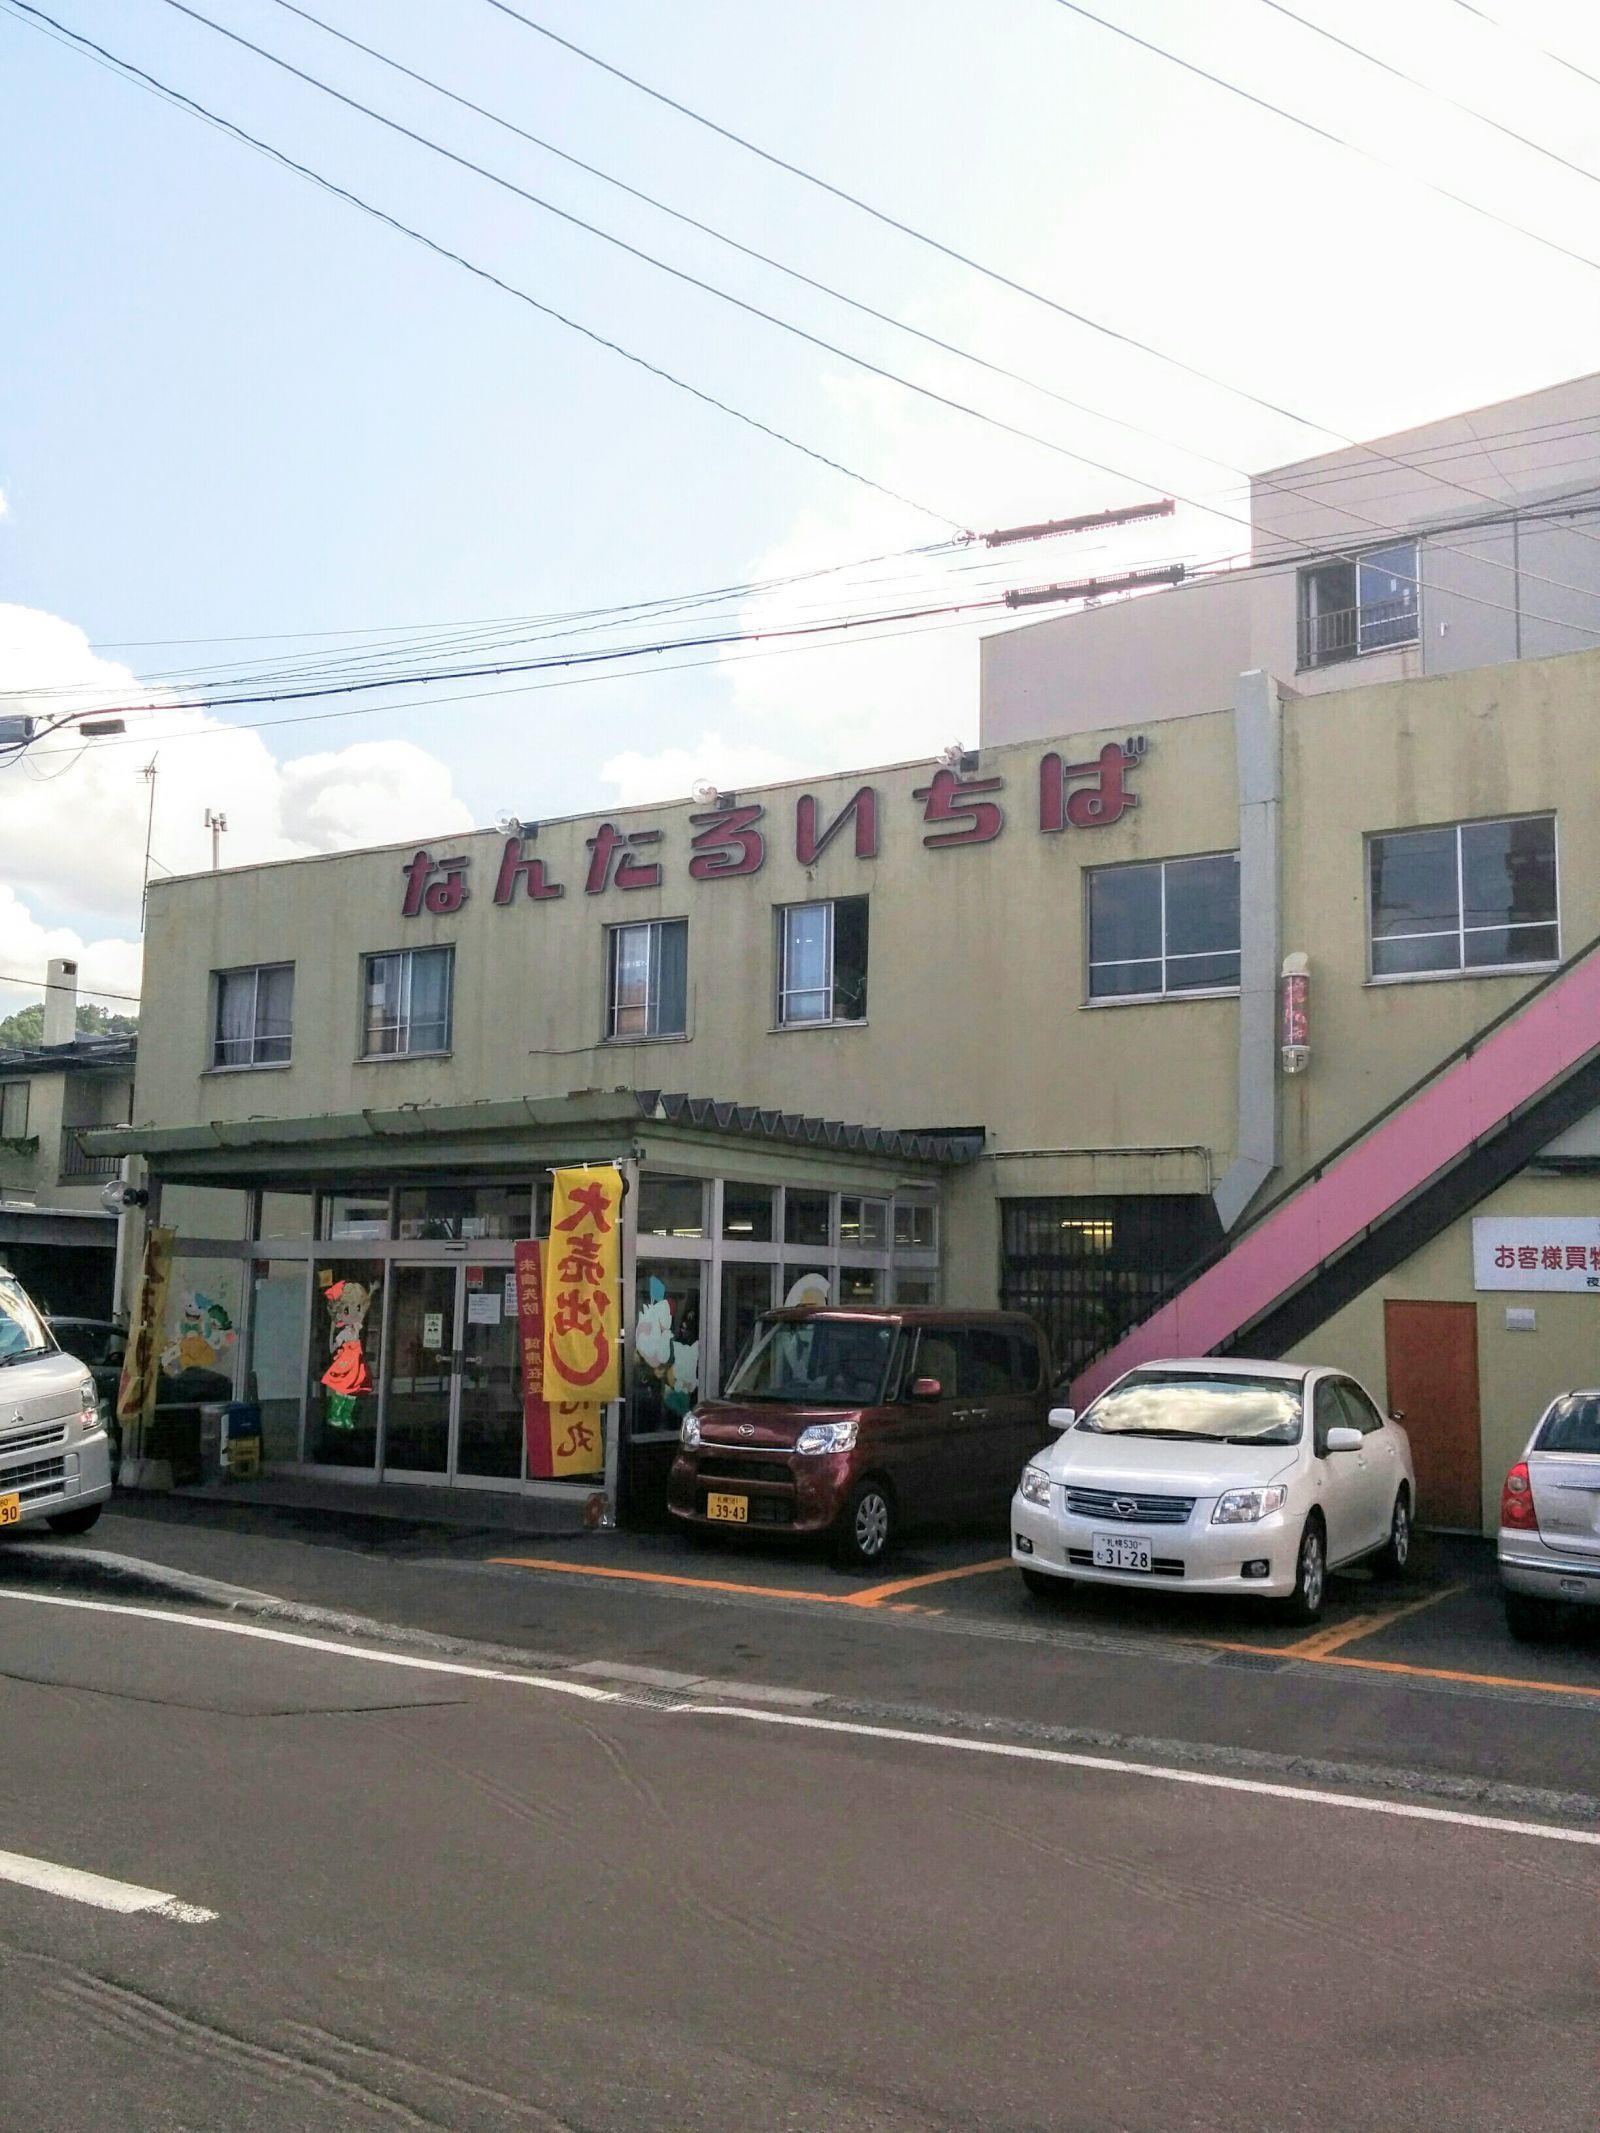 小樽なんたる市場観光案内です。